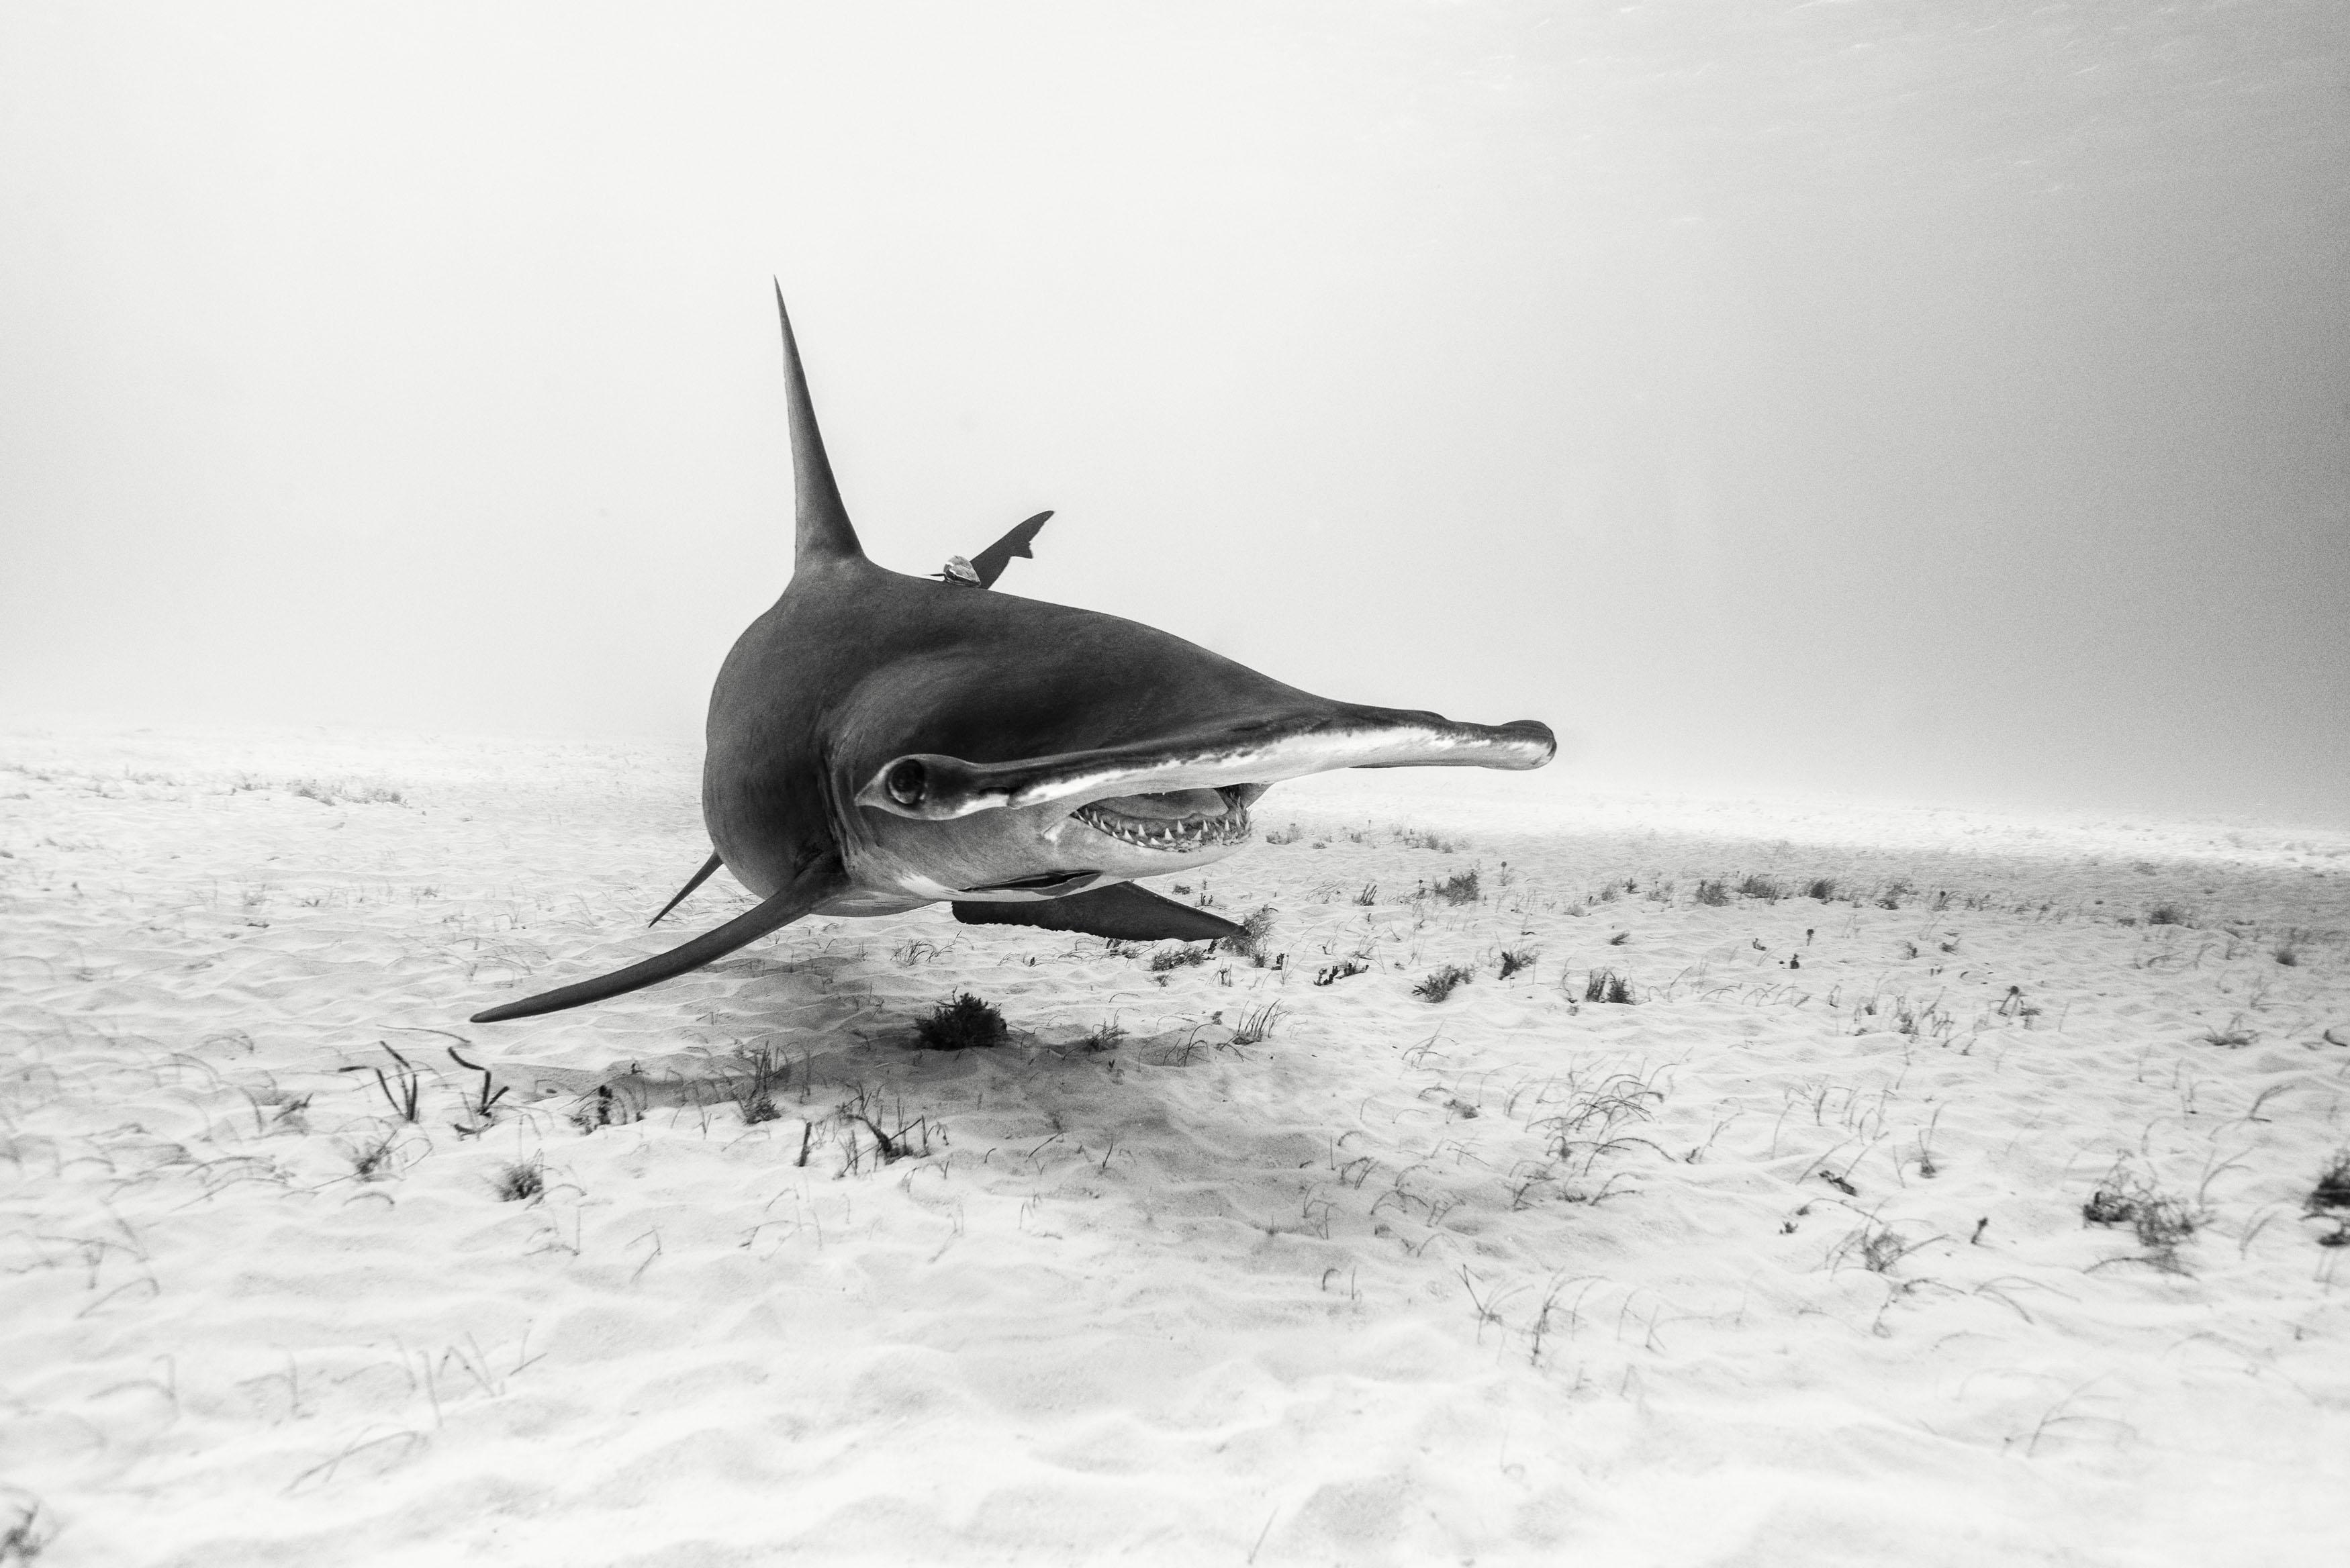 IWC_Aquatimer_Shark_1